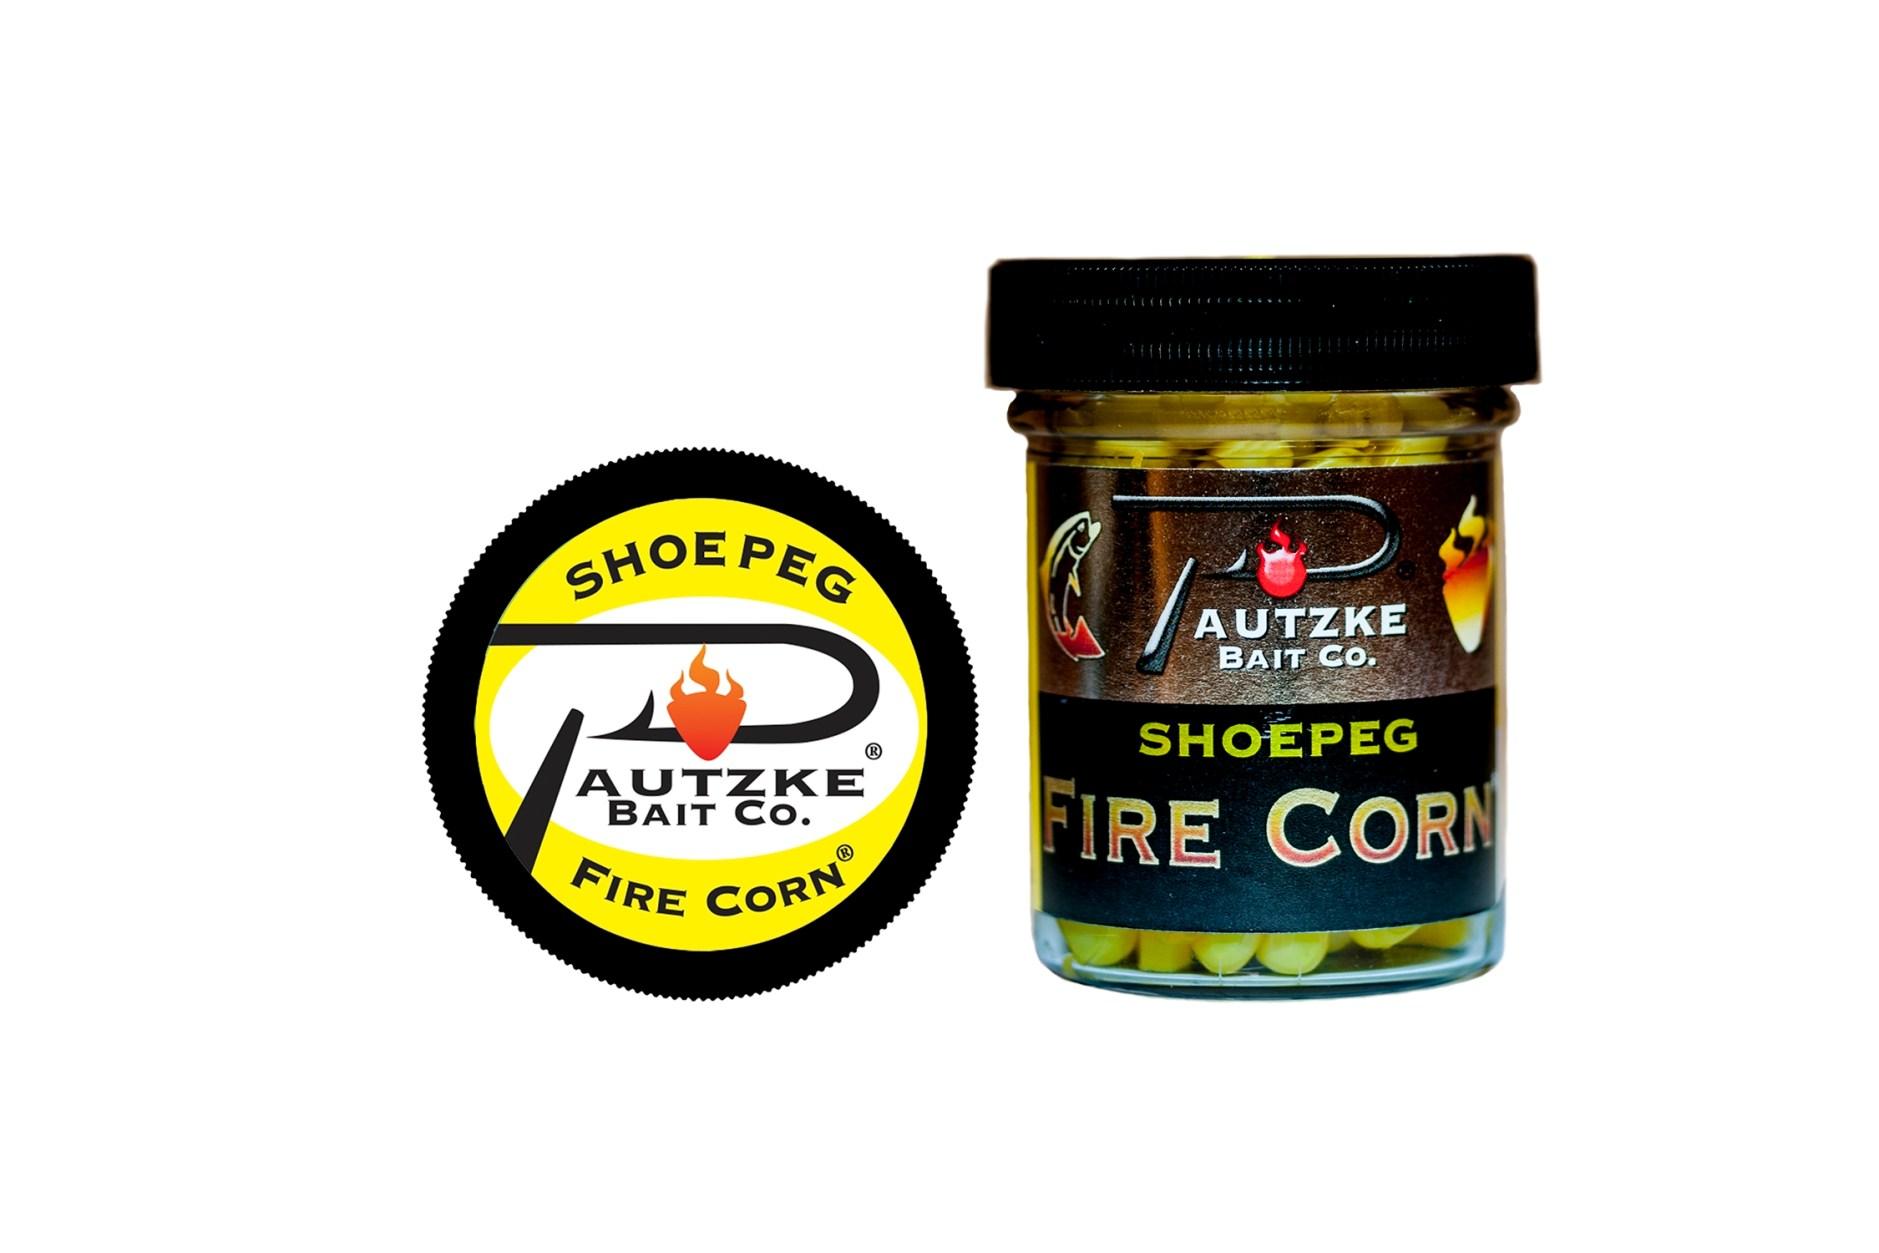 Pautzke Fire Corn